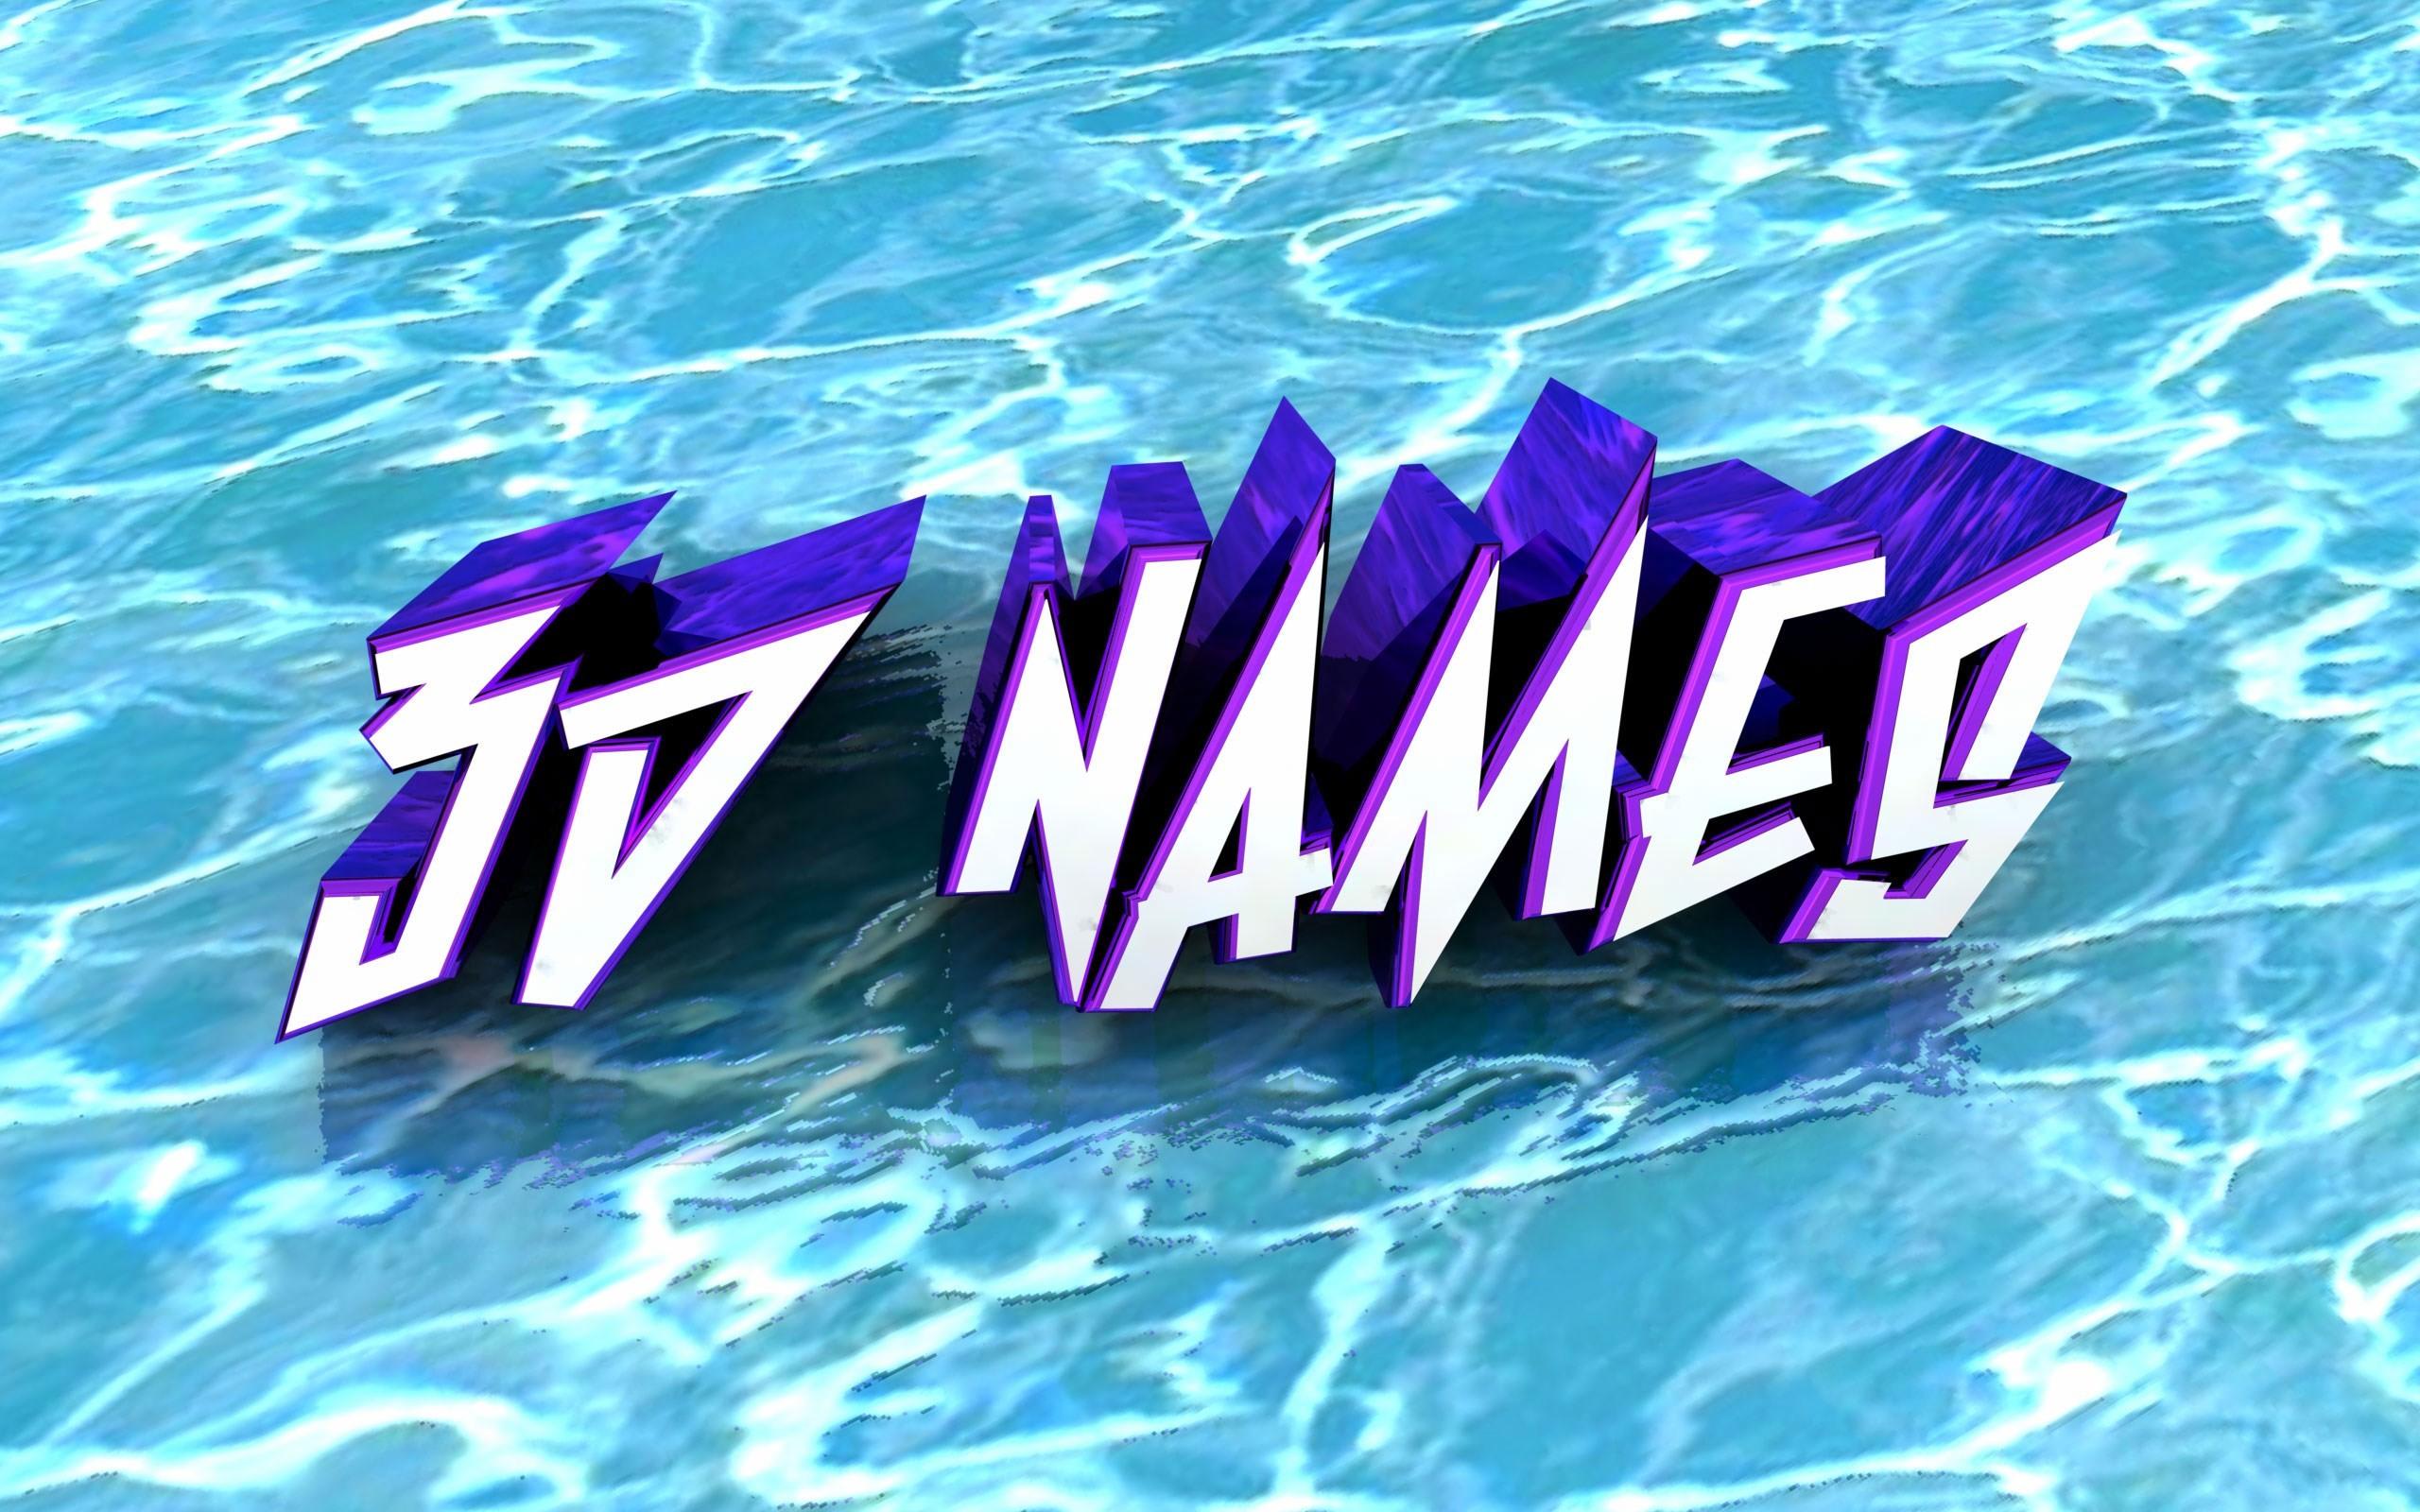 Amit Name Wallpaper Hd 3d Names Wallpaper 52 Images